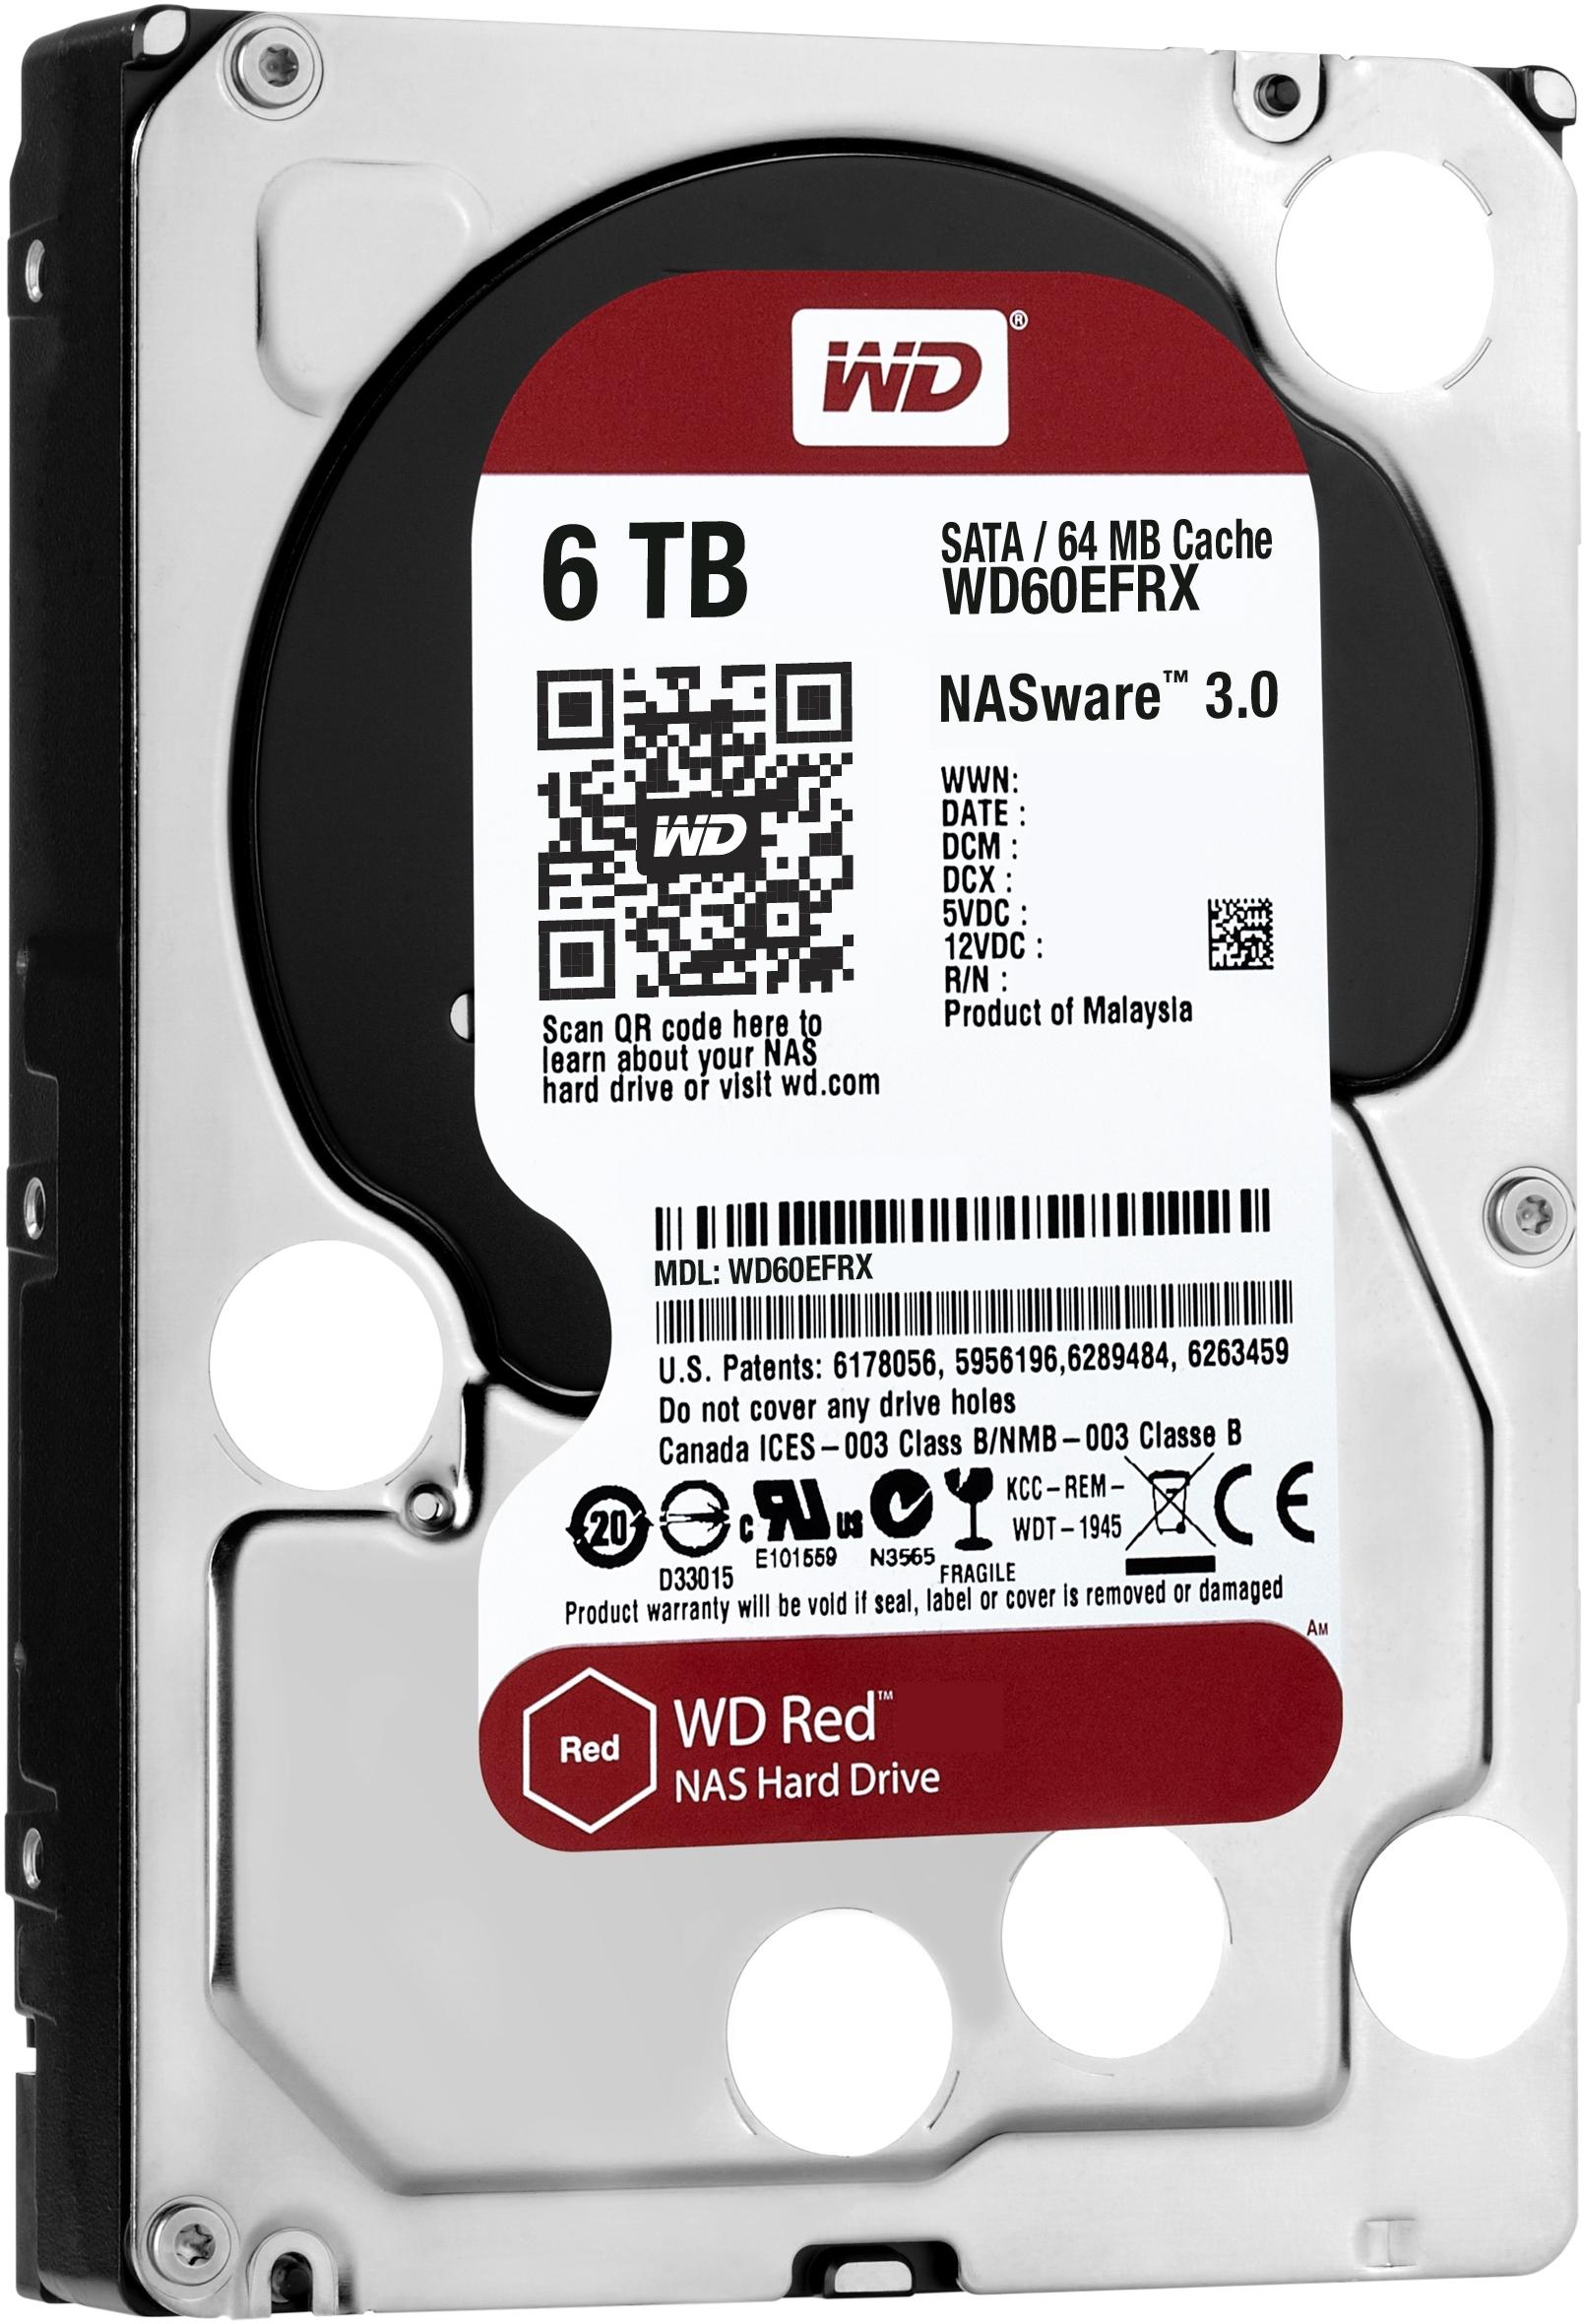 [PRIJSFOUT?] WD Red WD60EFRX 6TB harde schijf voor €82,78 @ Orimo.de